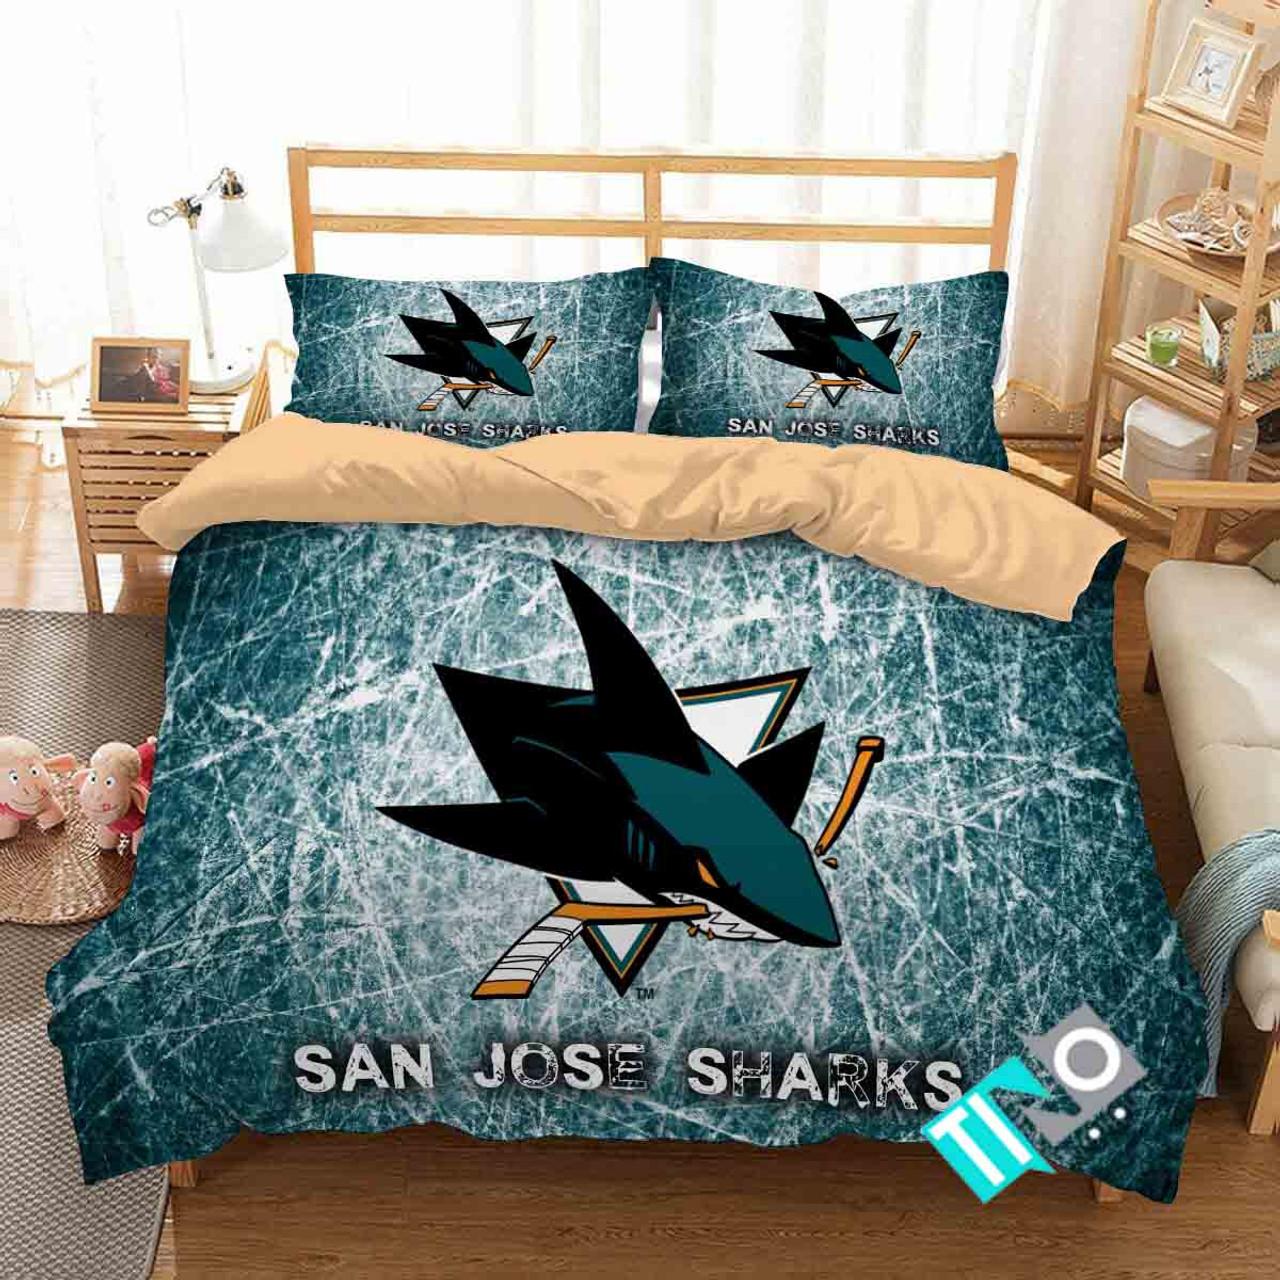 Order This Nhl San Jose Sharks 2 Logo 3d Personalized Customized Bedding Sets Duvet Cover Bedroom Set Bedset Bedlinen N Now